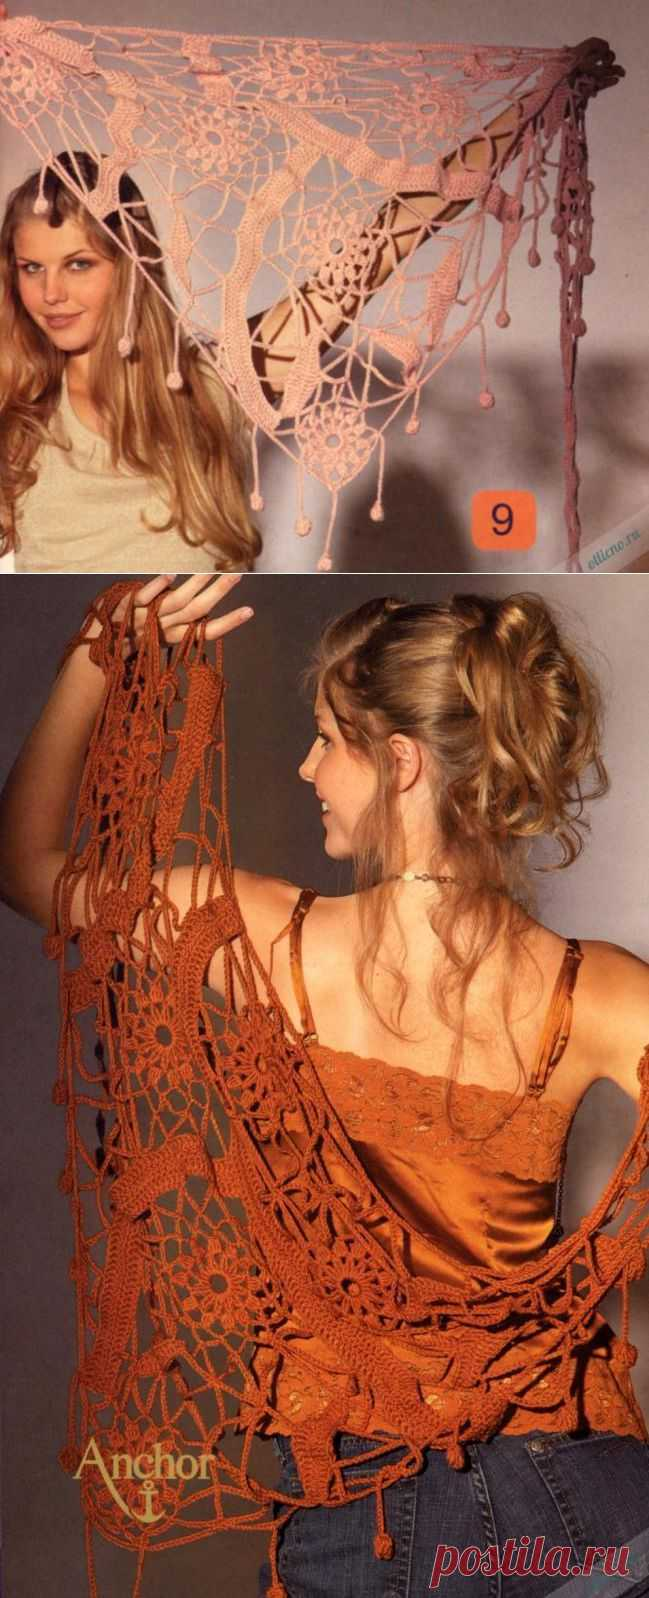 Фантазийная ажурная шаль крючком | Отлично! Школа моды, декора и актуального рукоделия